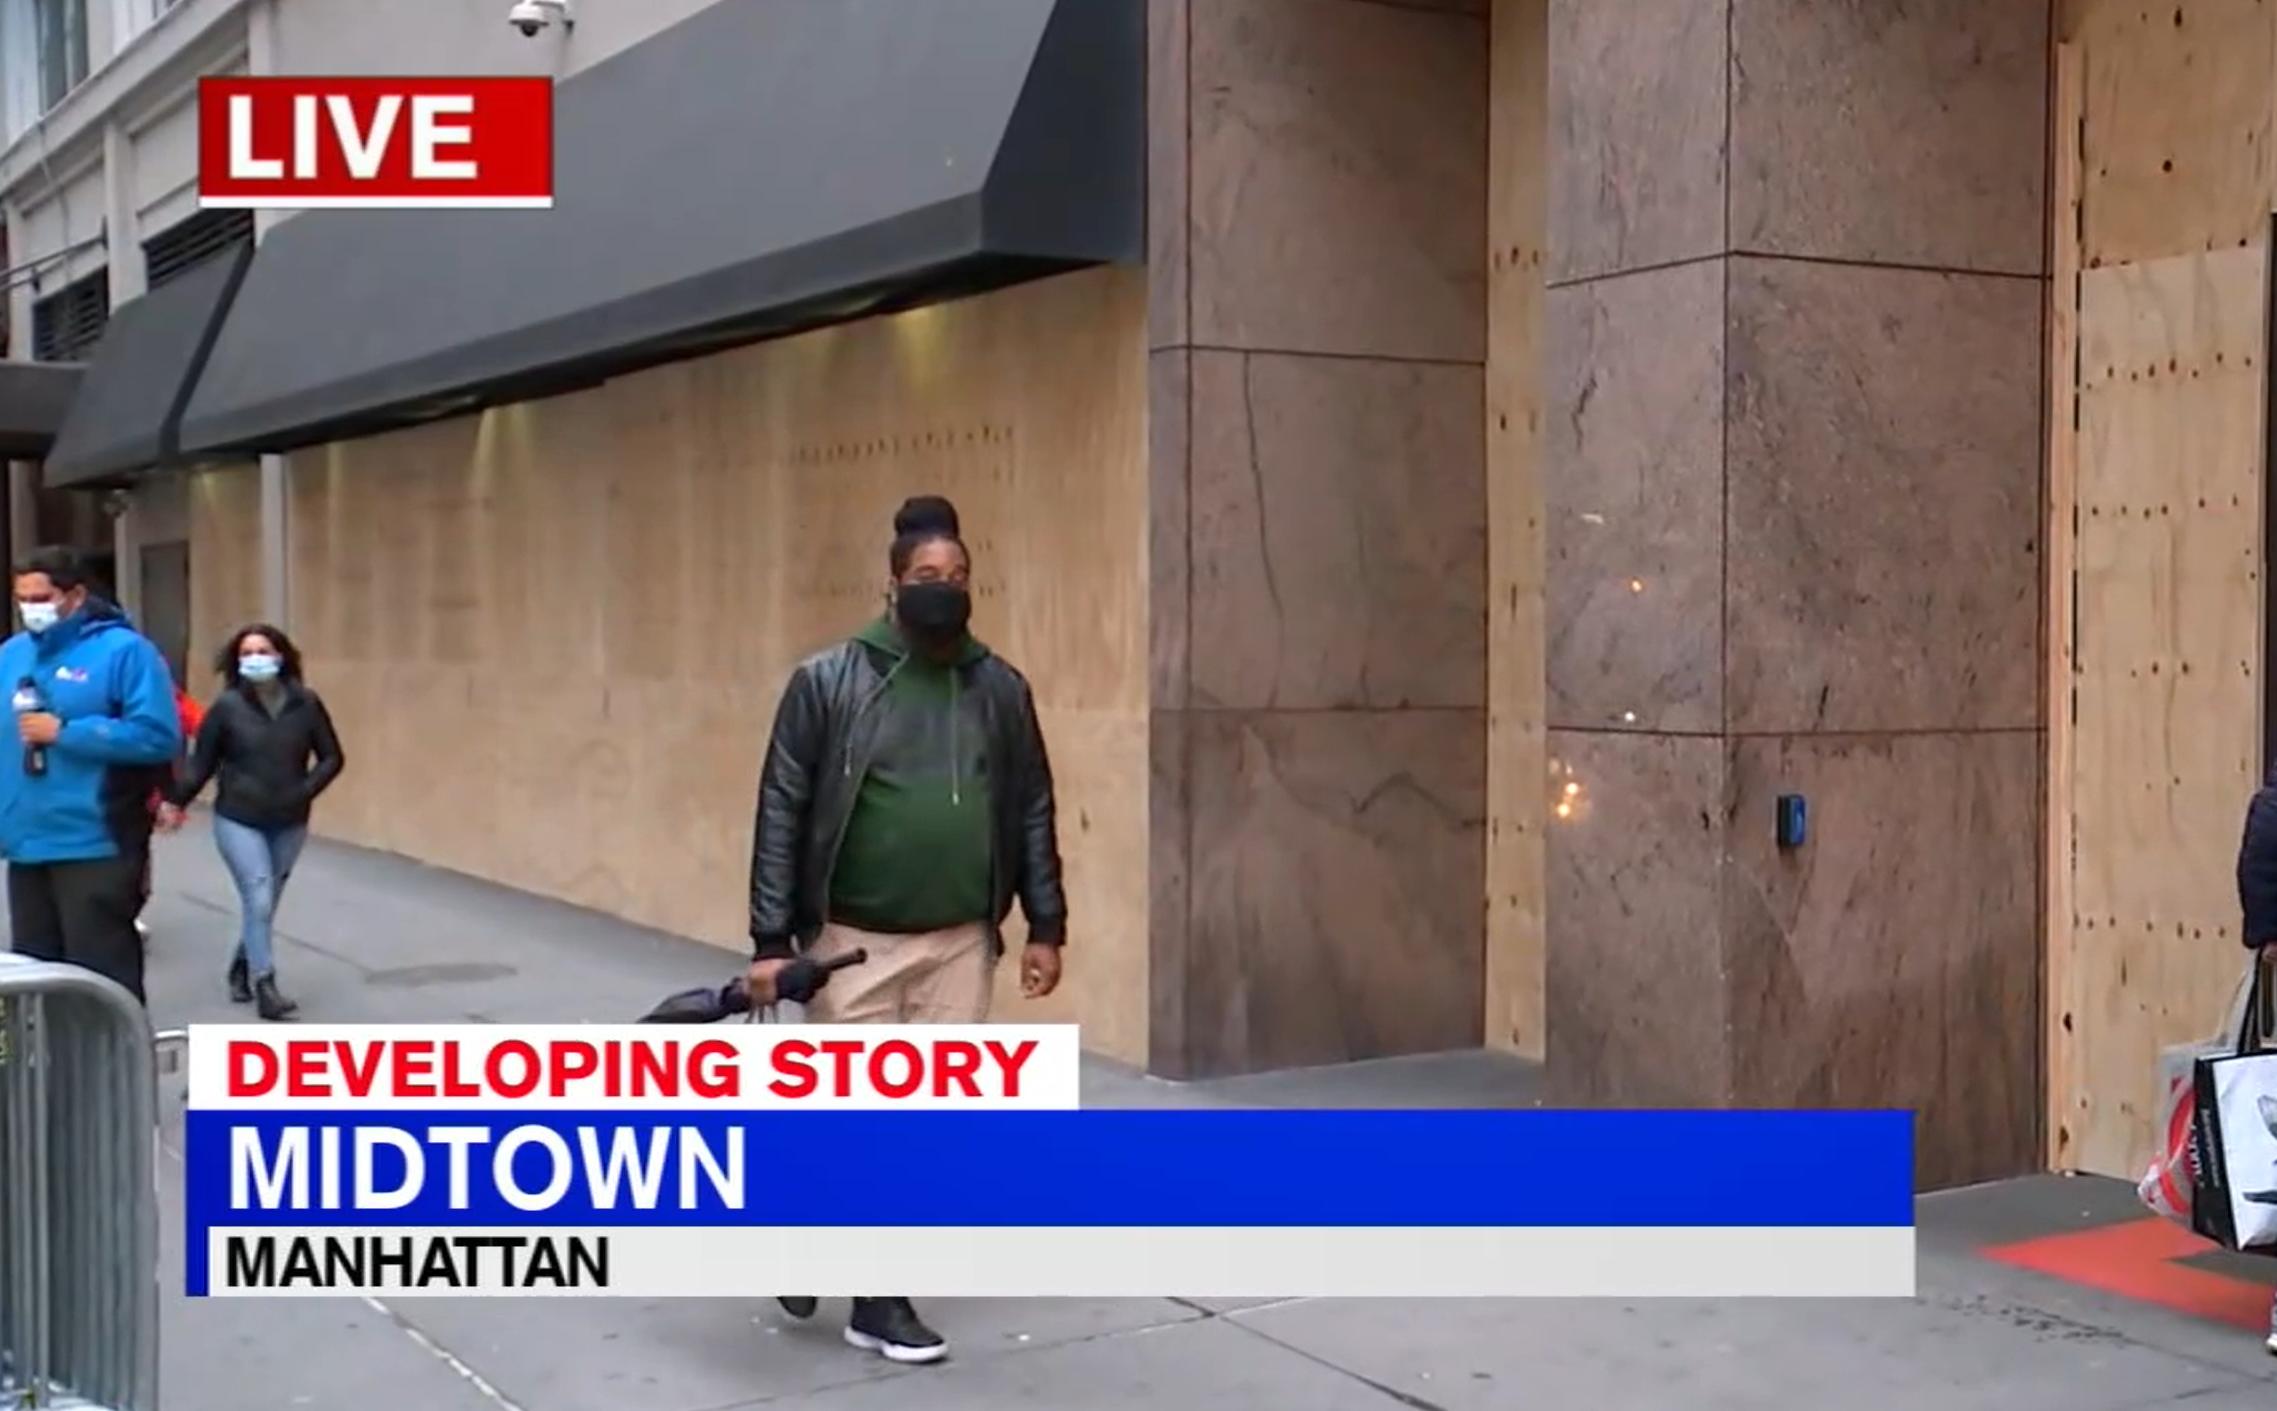 ■中城不少商店已事先封板,以防止砸搶行 為再現。 WABC新聞截圖